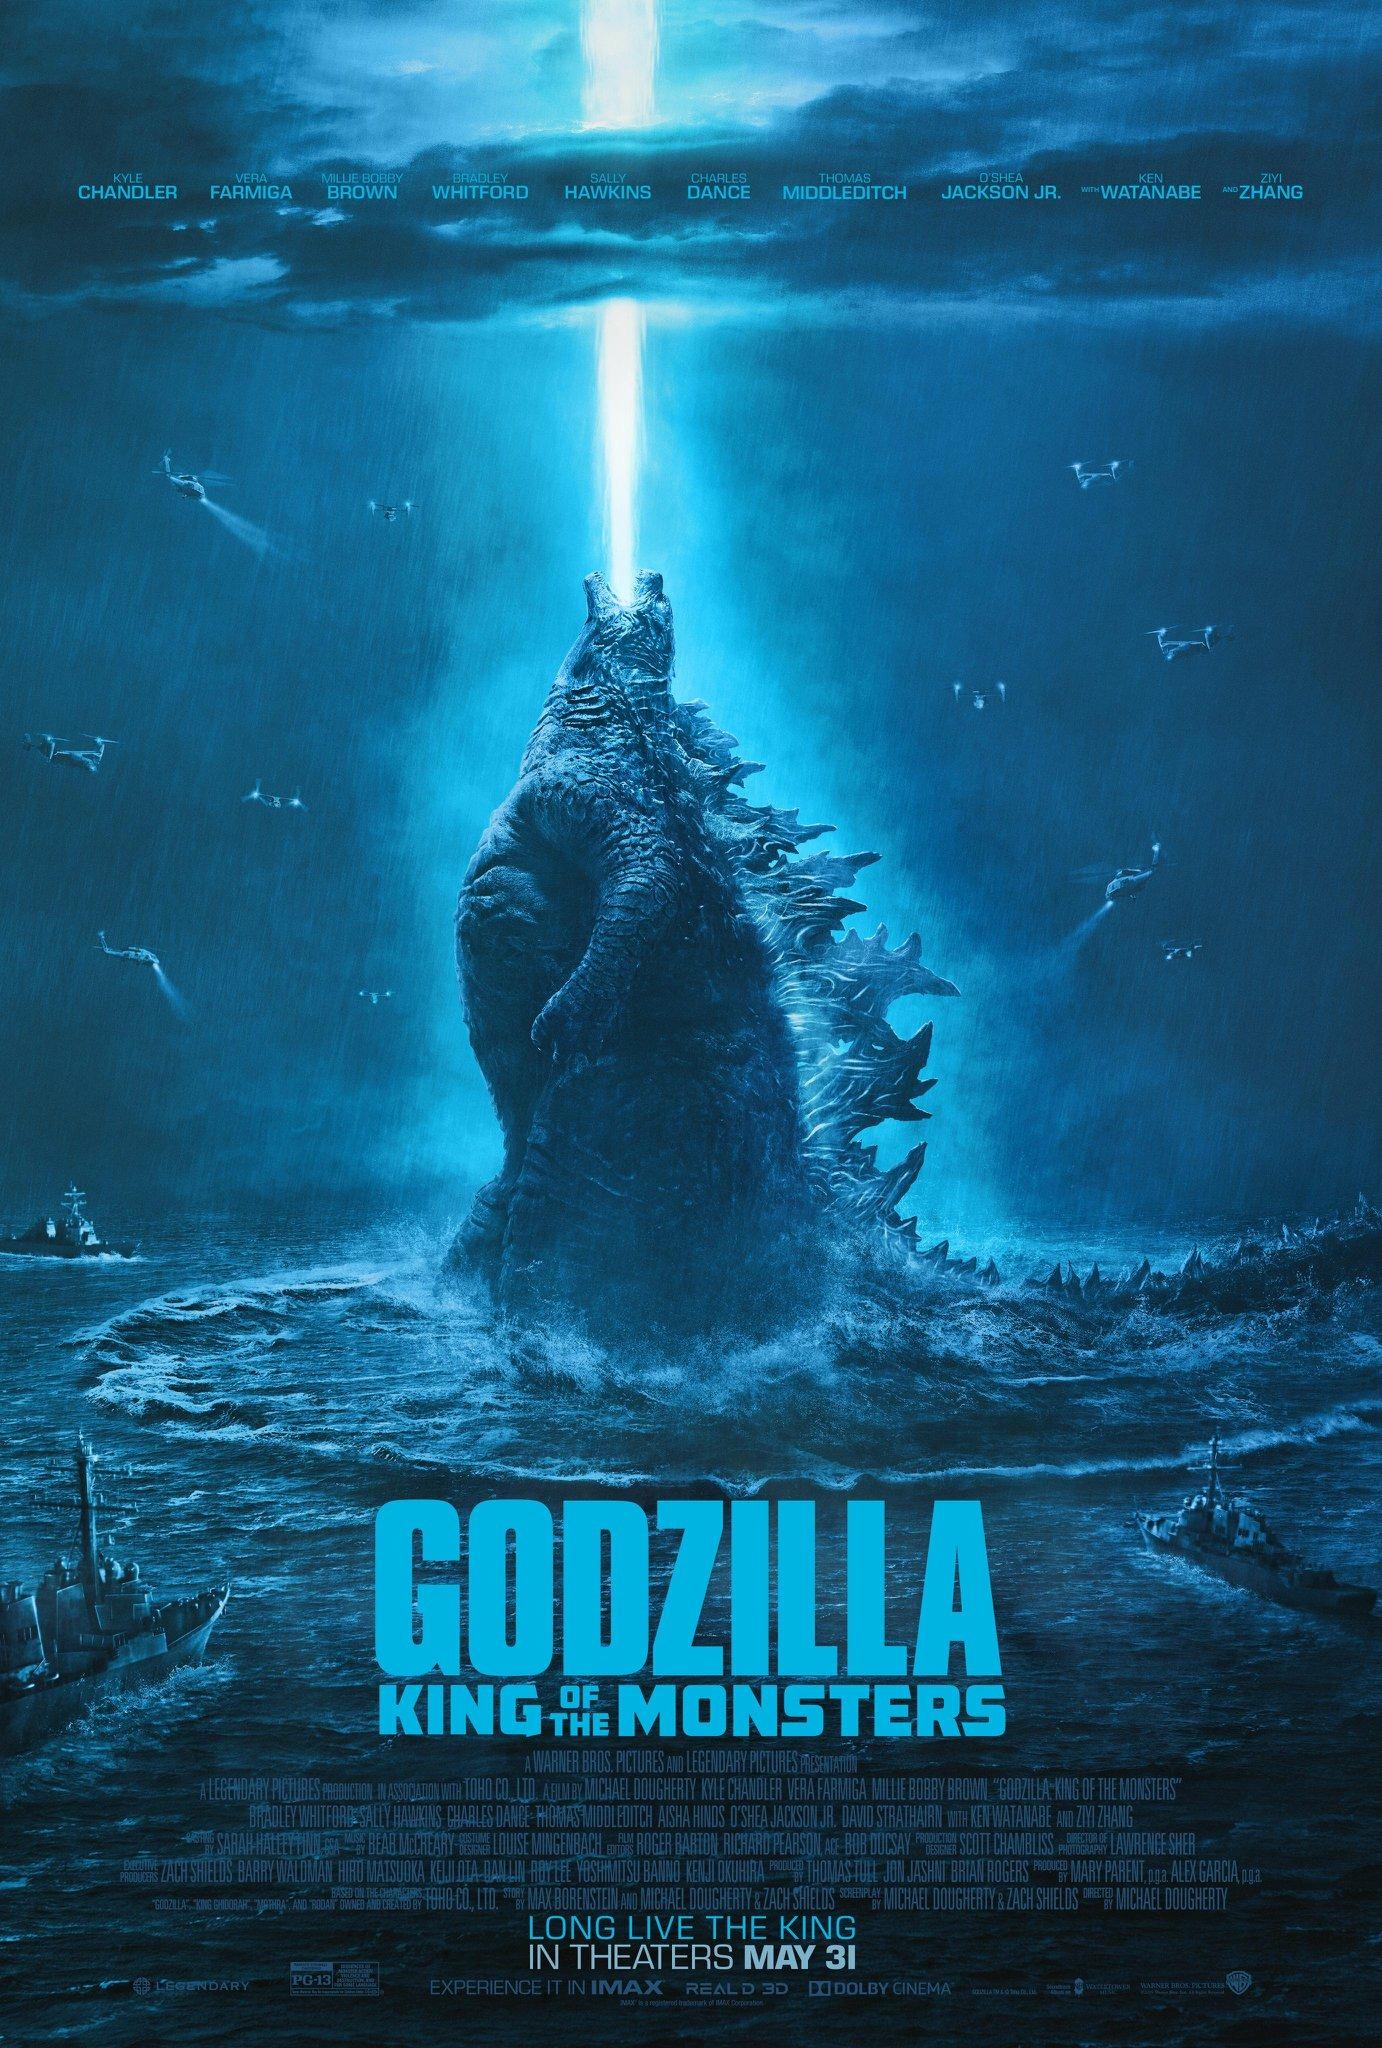 デスクトップ壁紙 ゴジラ Godzilla King Of The Monsters 映画